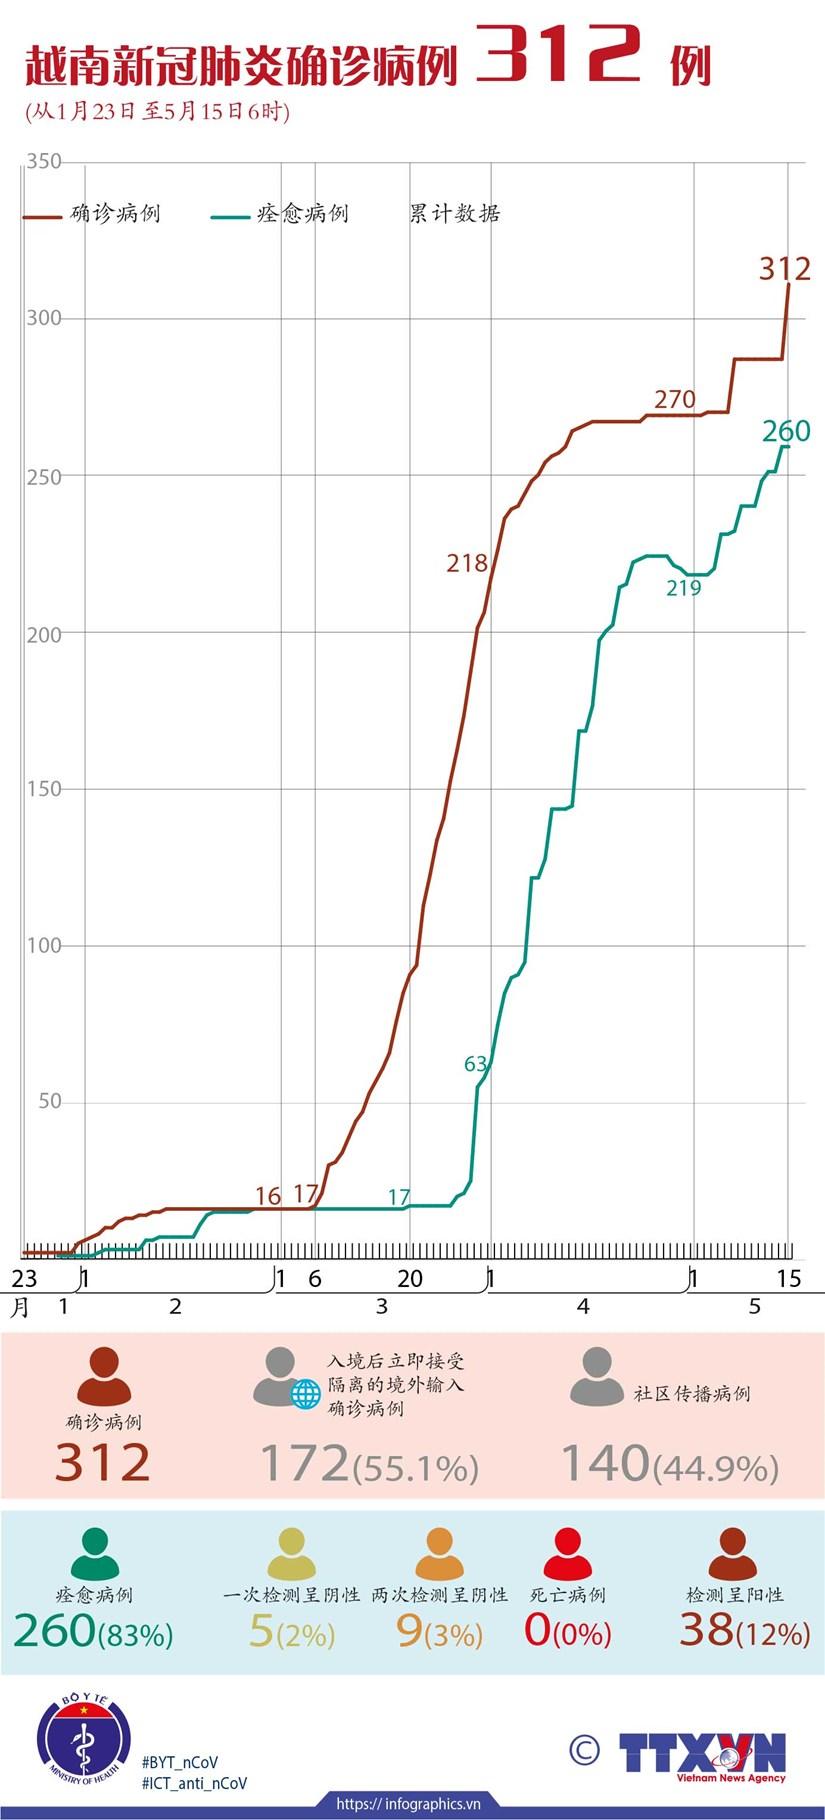 图表新闻:越南新冠肺炎确诊病例 312 例 hinh anh 1